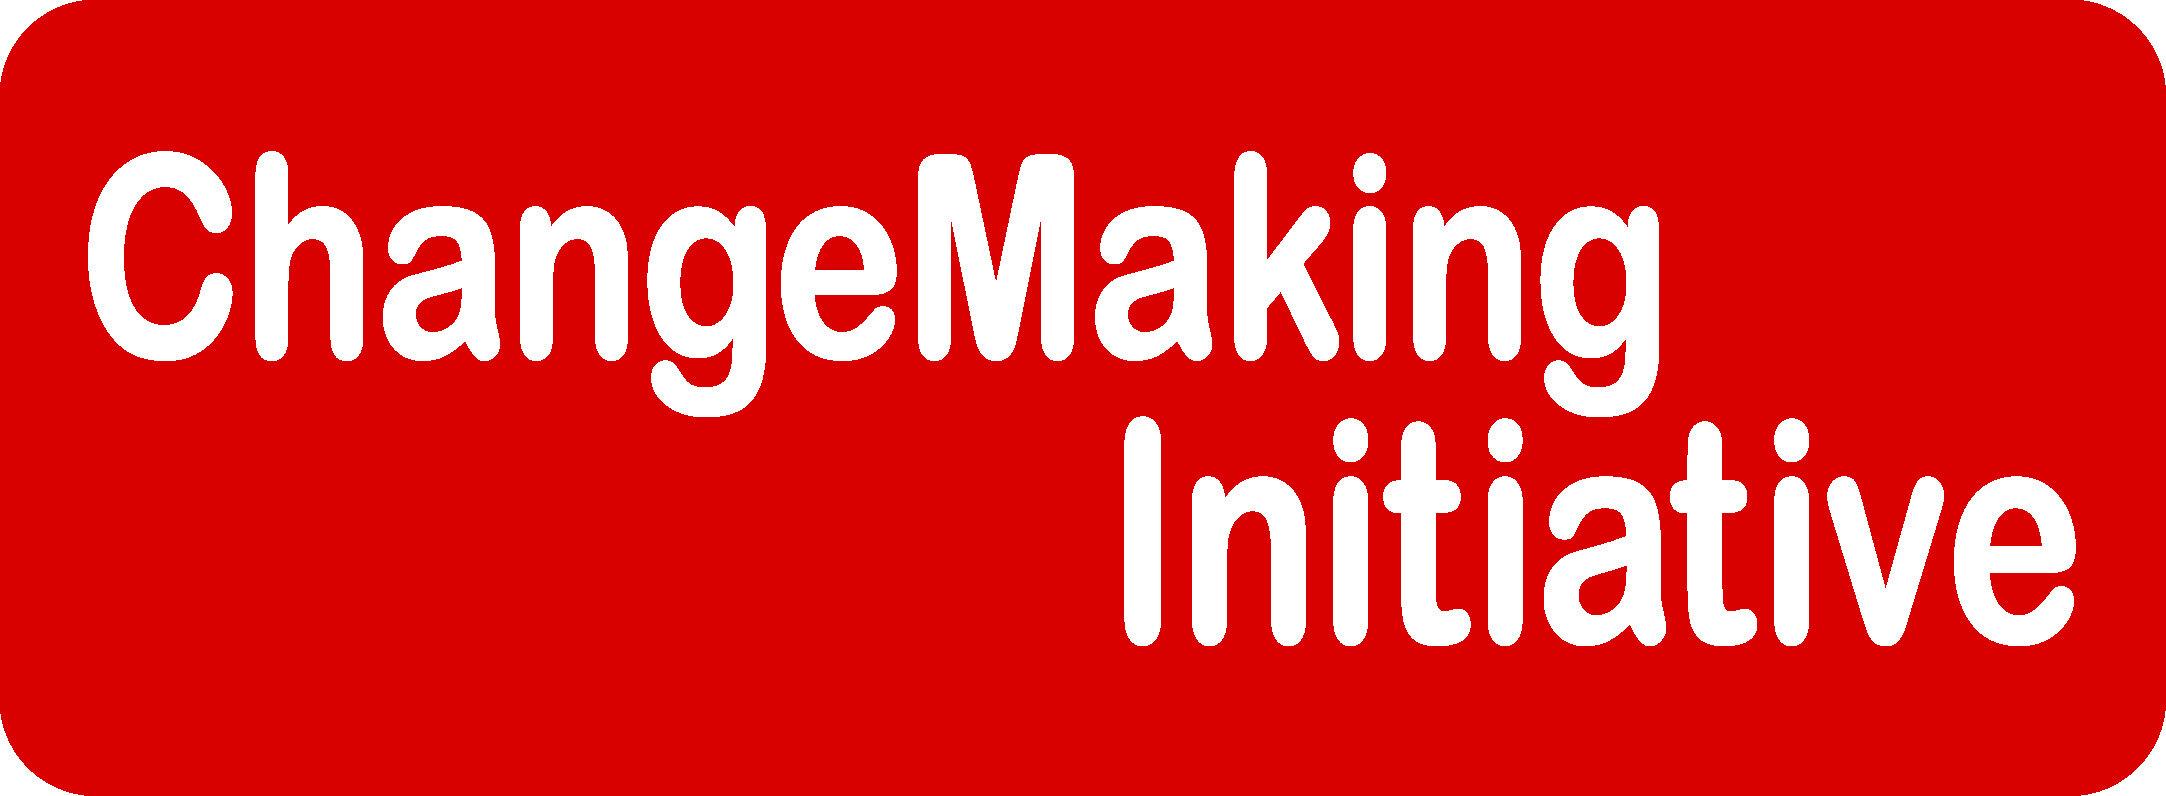 Change Making .jpg